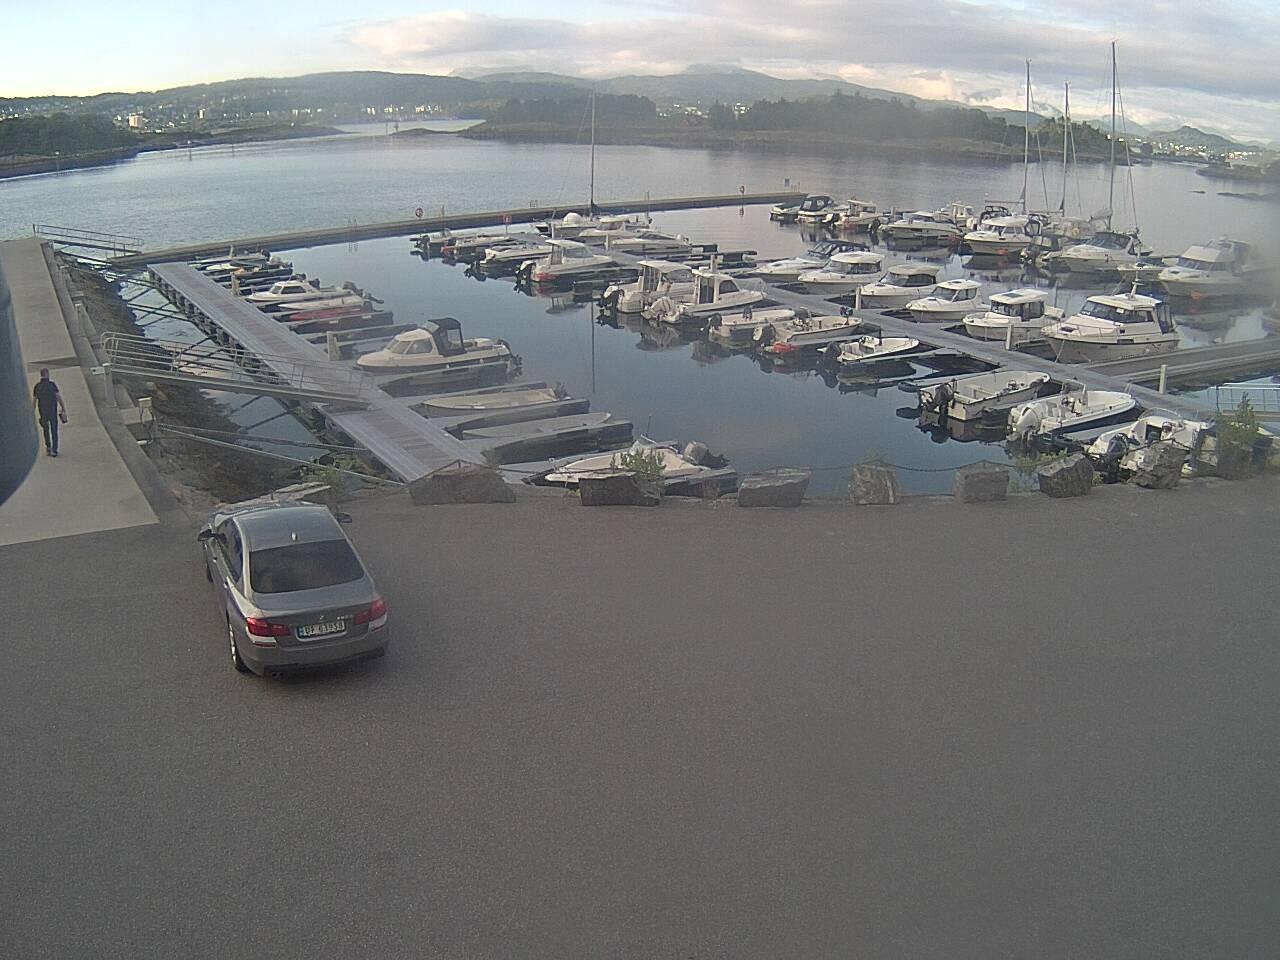 Webcam Langevåg, Sula, Møre og Romsdal, Norwegen